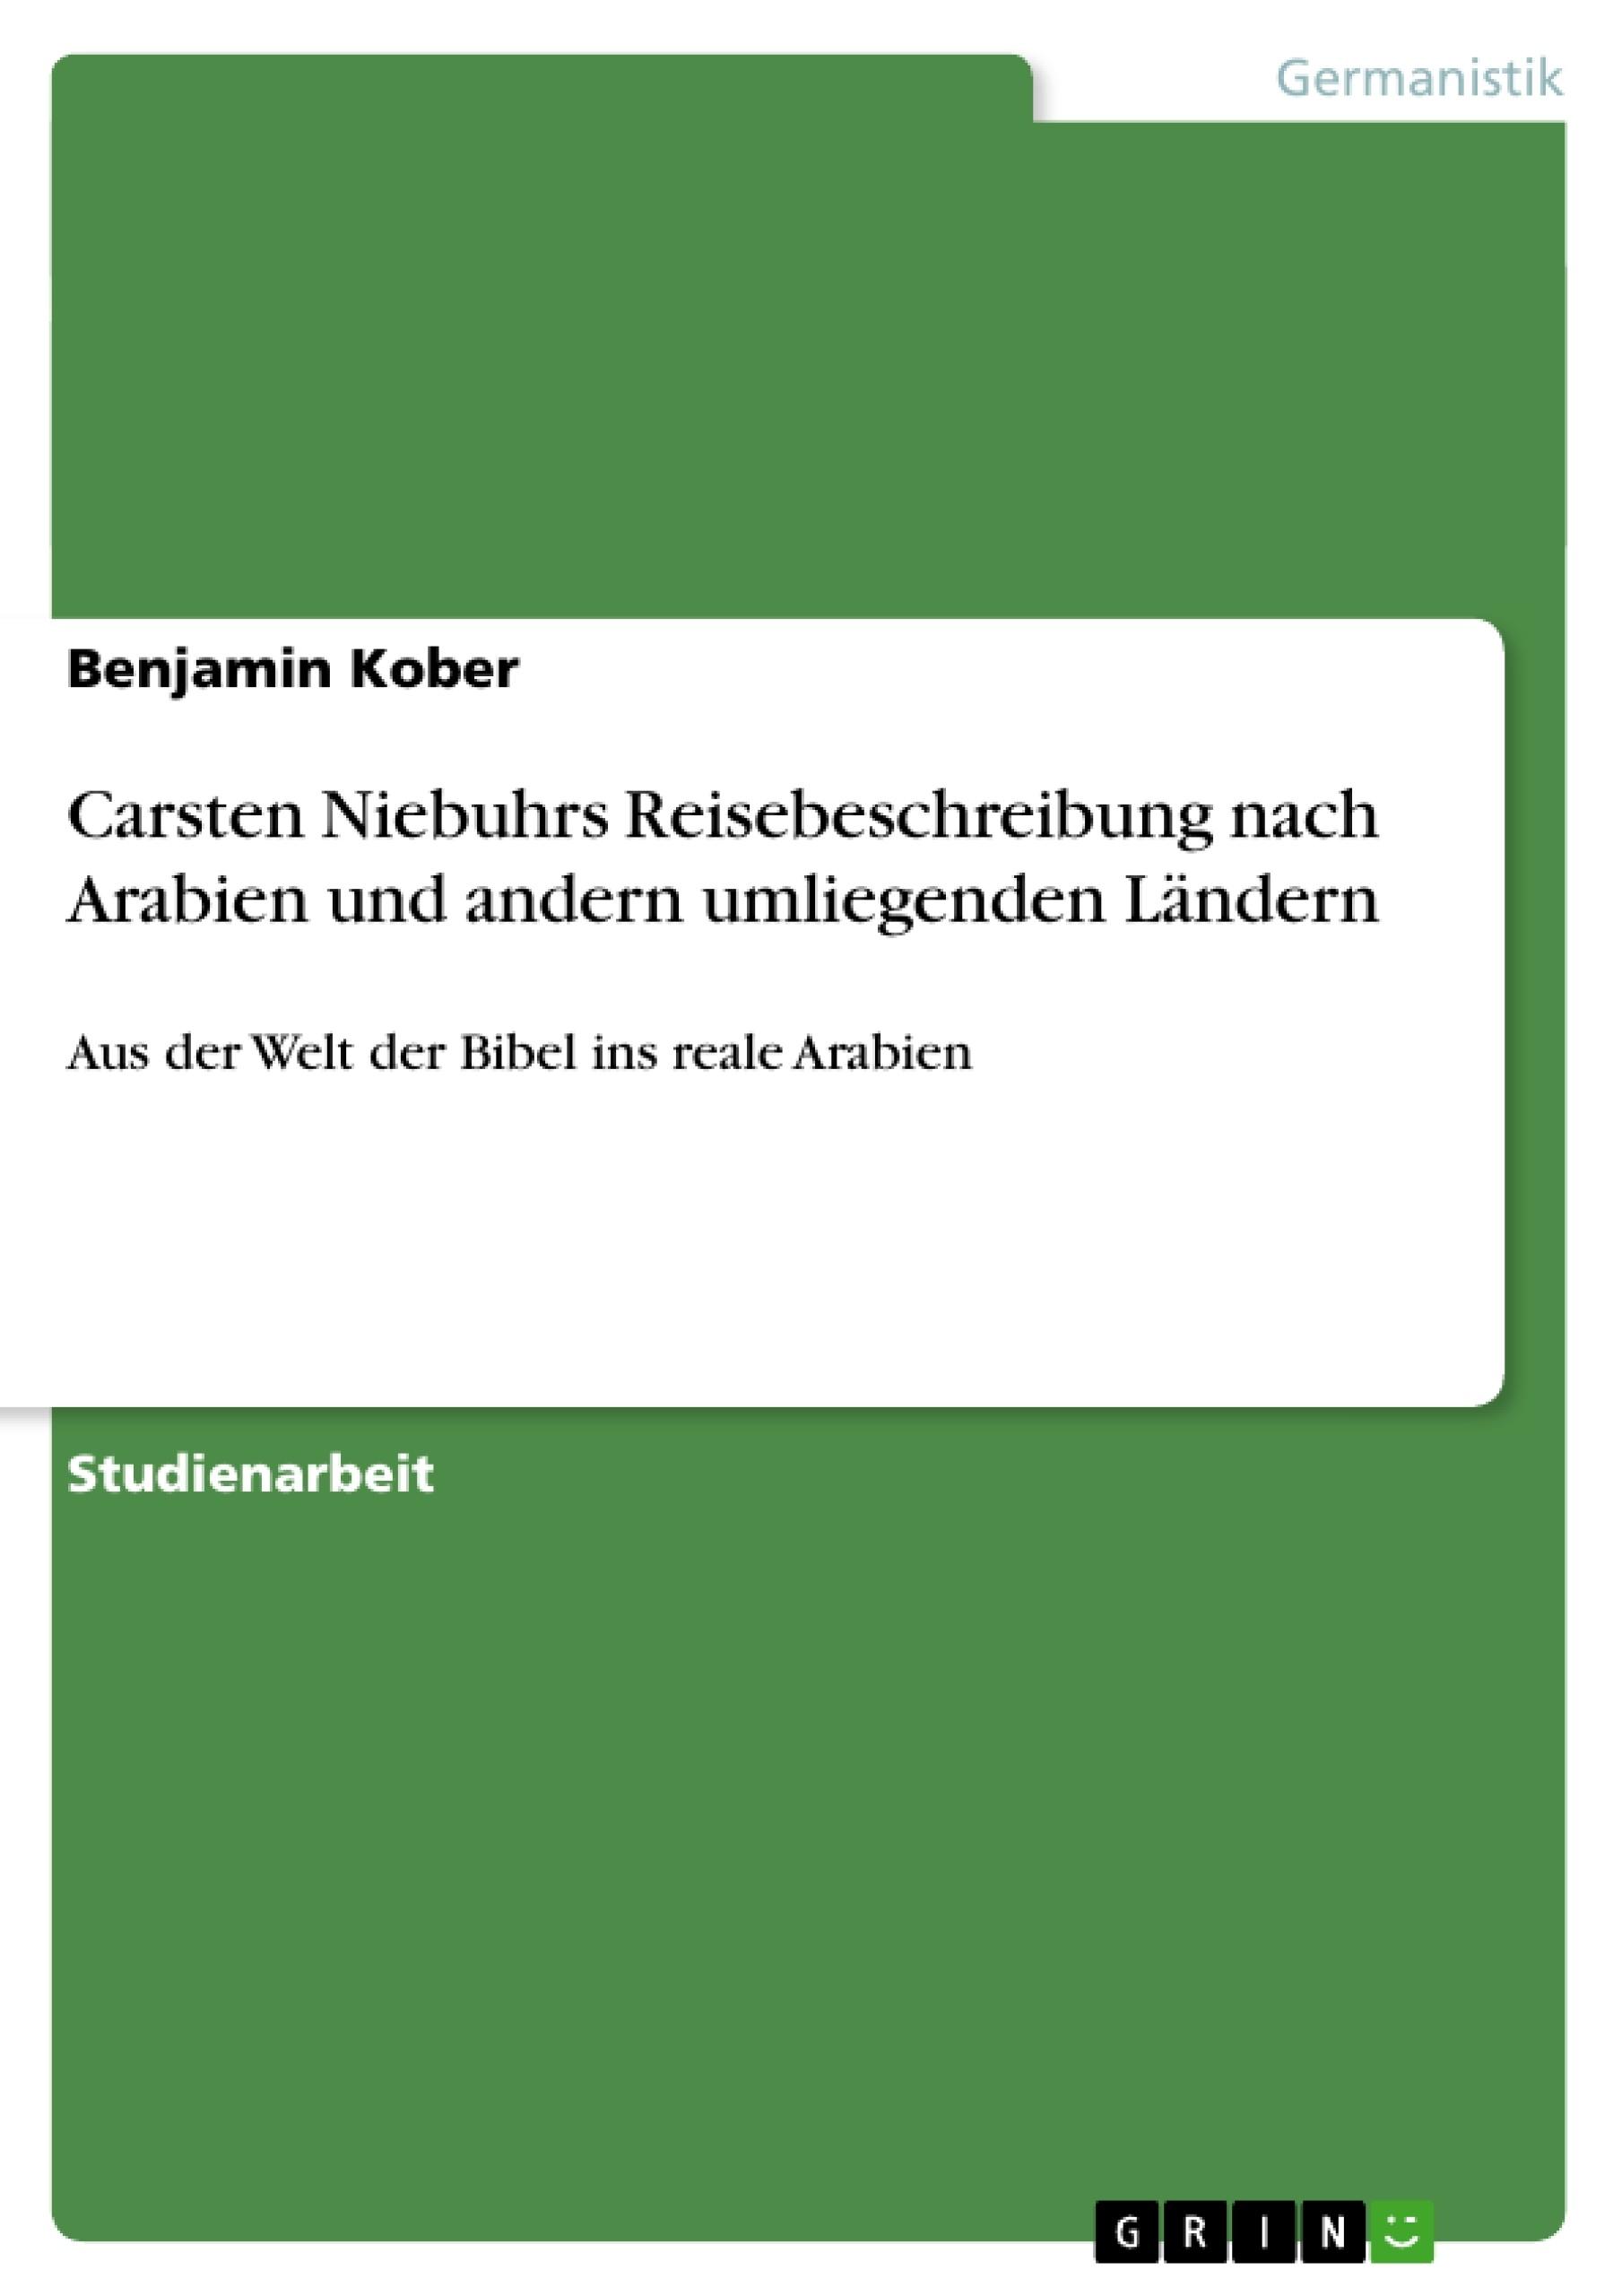 Titel: Carsten Niebuhrs Reisebeschreibung nach Arabien und andern umliegenden Ländern